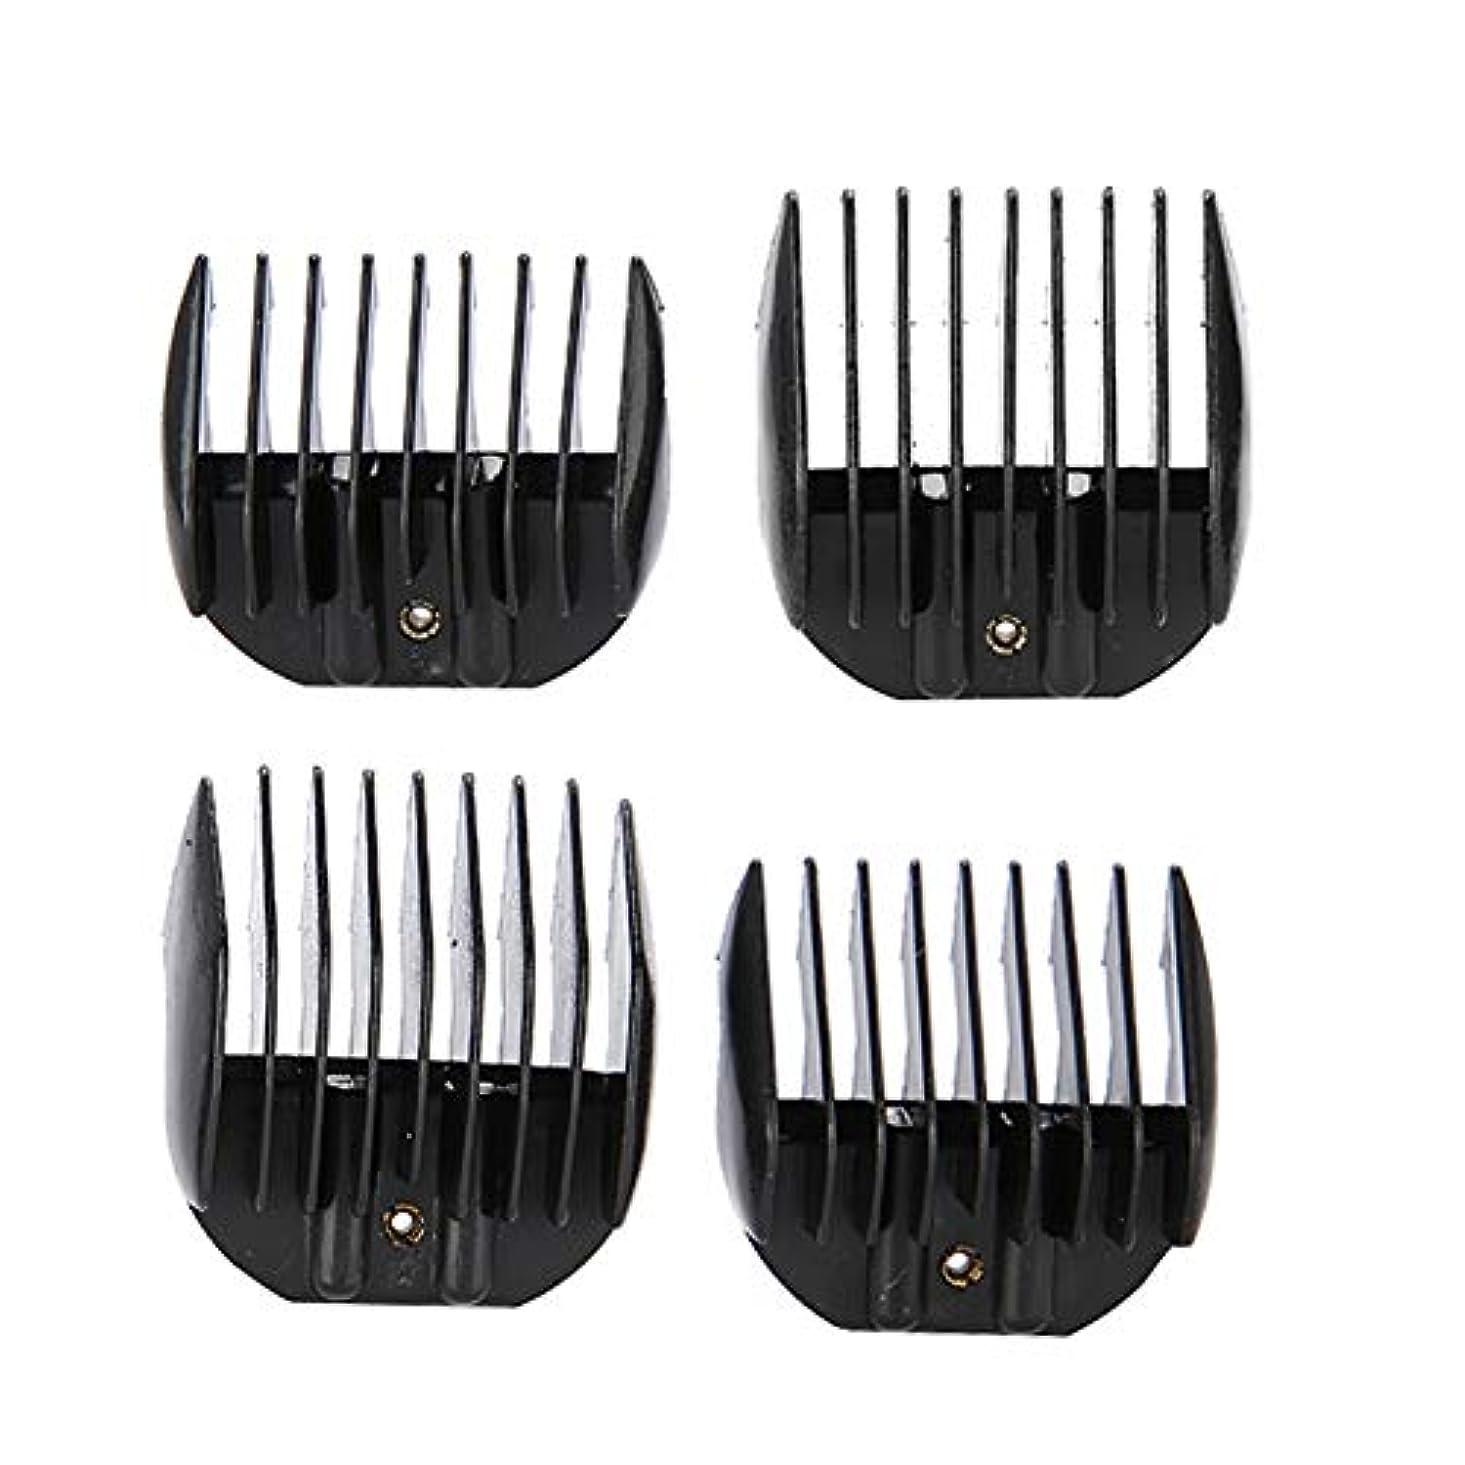 バックアップ組み合わせ剛性プロのヘアリミットガイドくしセットアタッチメントクリッパースペアパーツ散髪アクセサリーブラック4本/セット